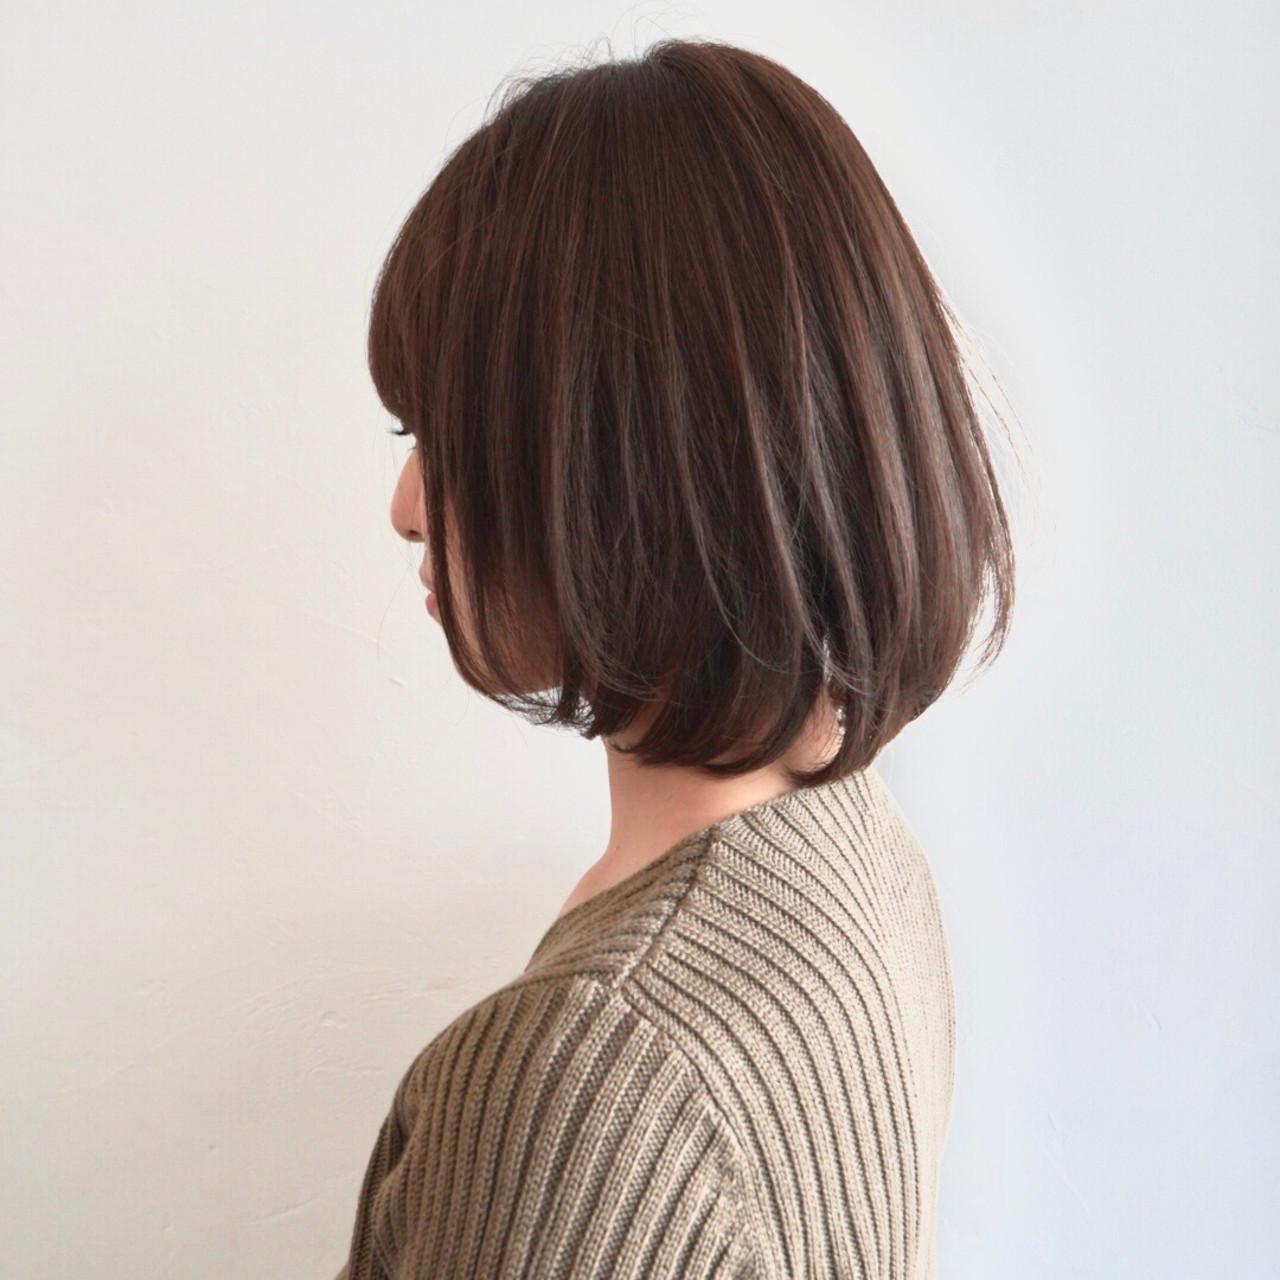 アンニュイほつれヘア ナチュラル ボブ デート ヘアスタイルや髪型の写真・画像 | お洒落ショート とかじしょうた GARDEN / NEUTRAL by GARDEN